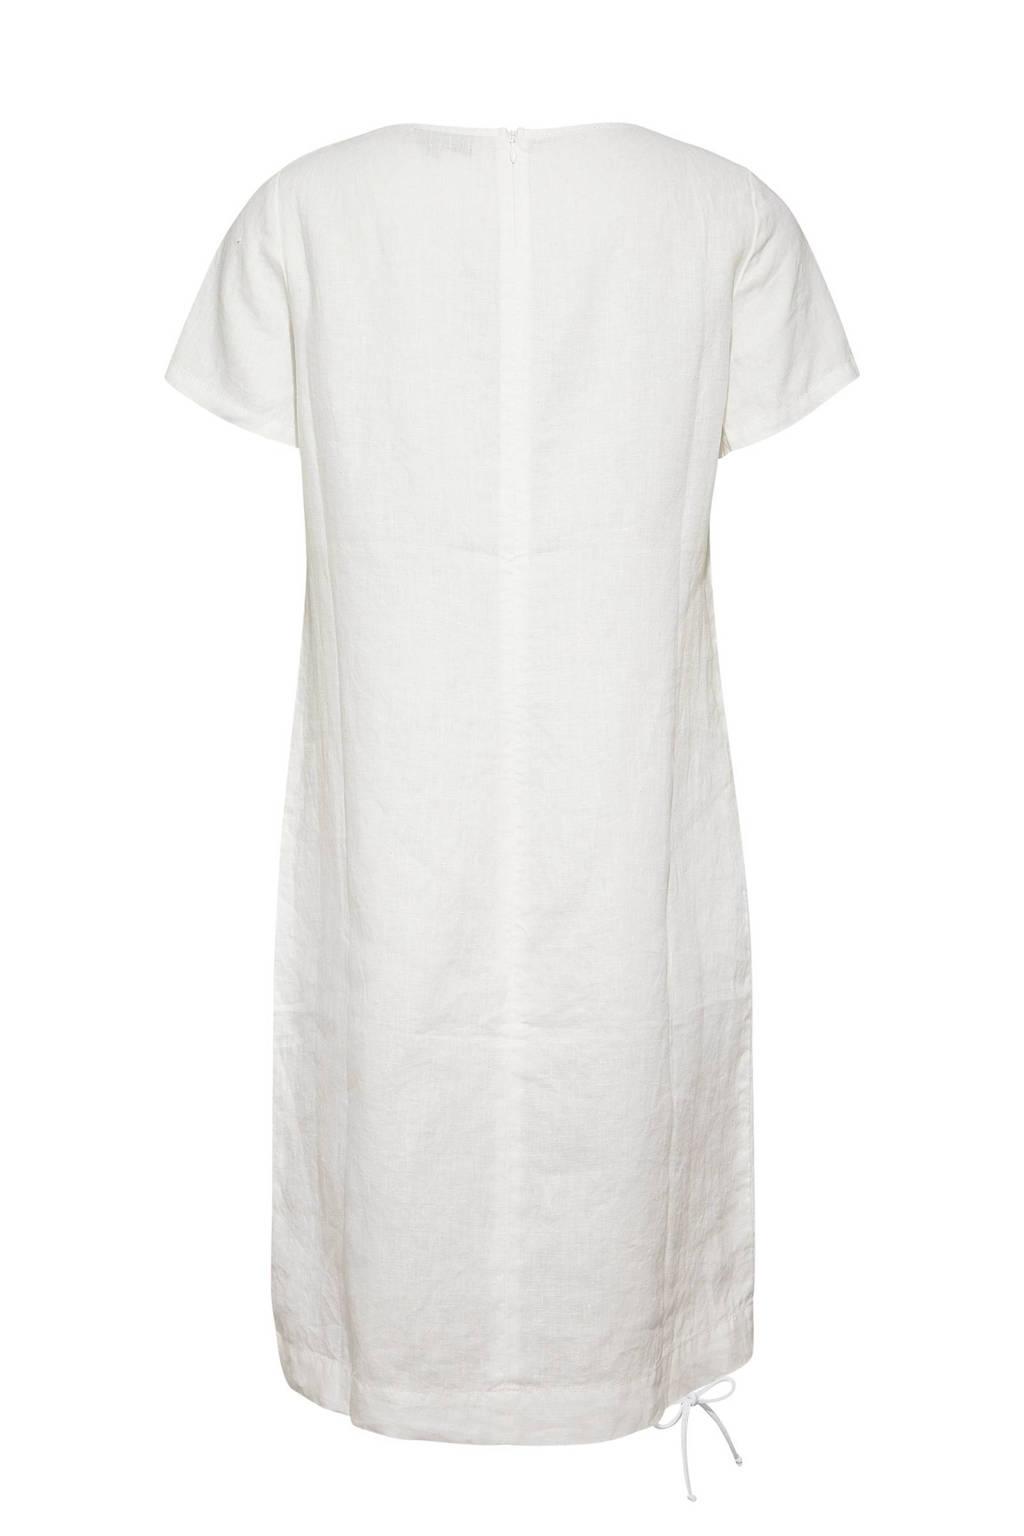 Fonkelnieuw Didi linnen A-lijn jurk wit | wehkamp ZG-12